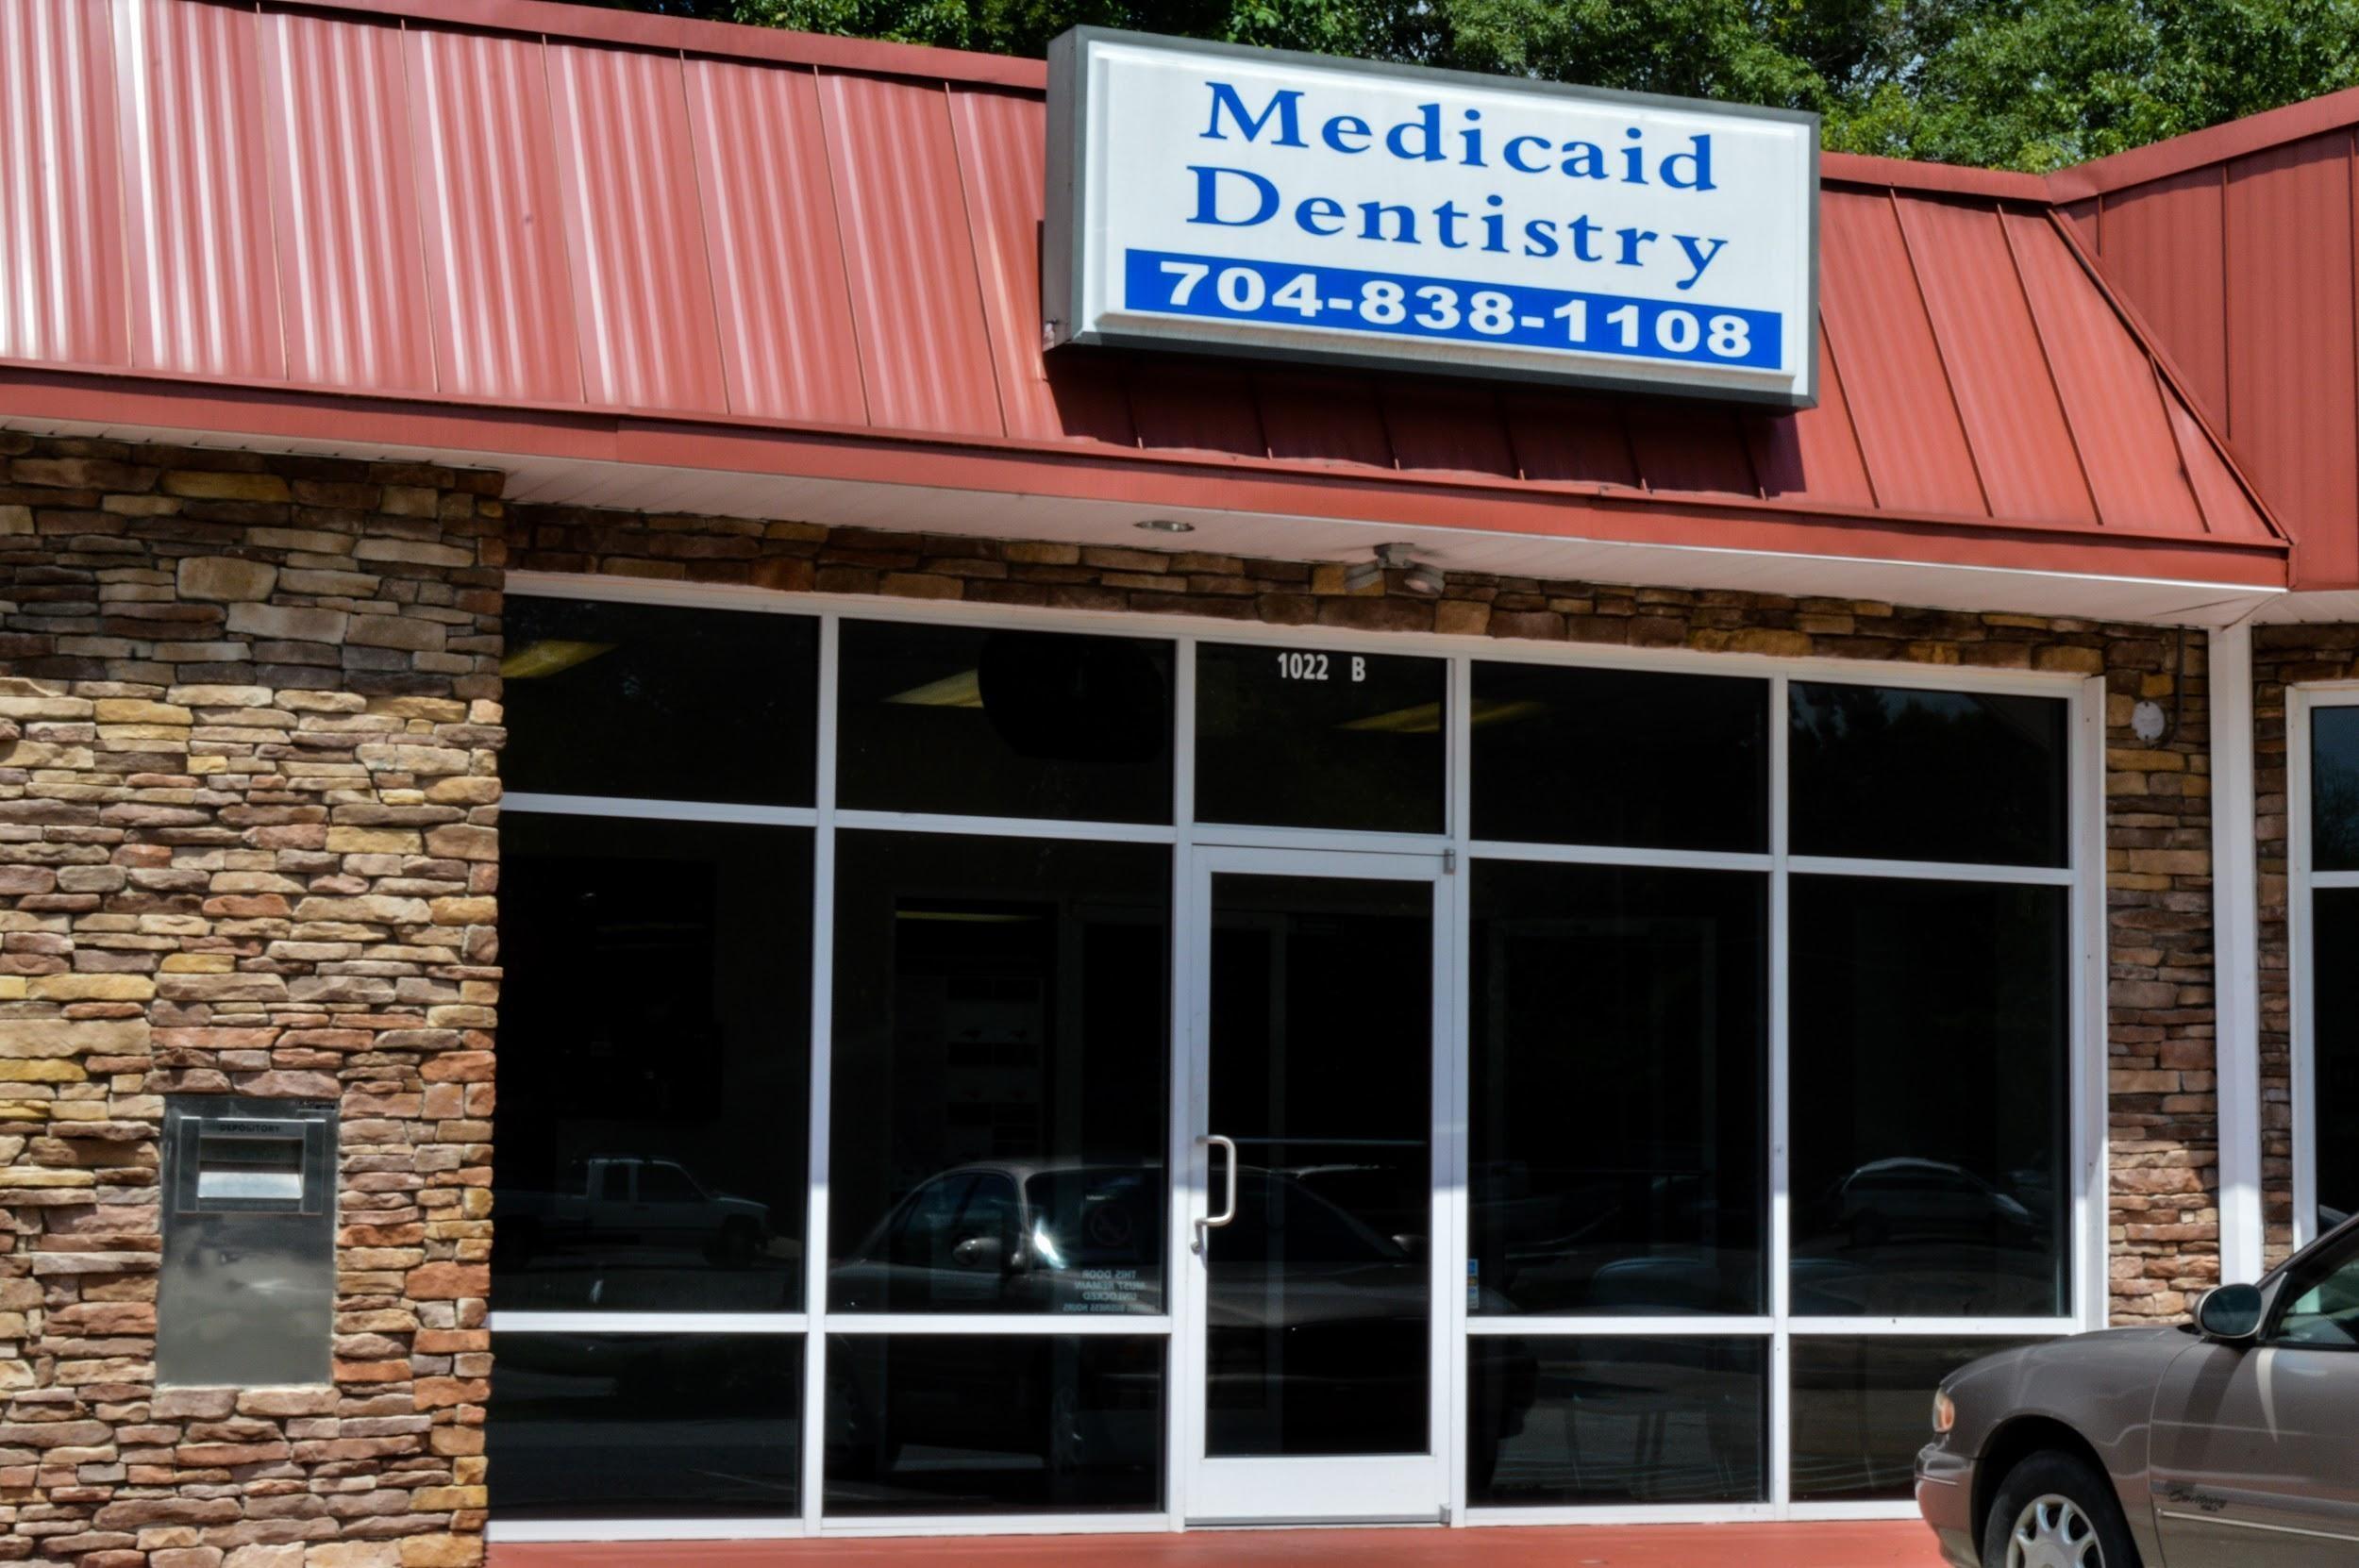 Commercial Medicaid Dentistry.jpg